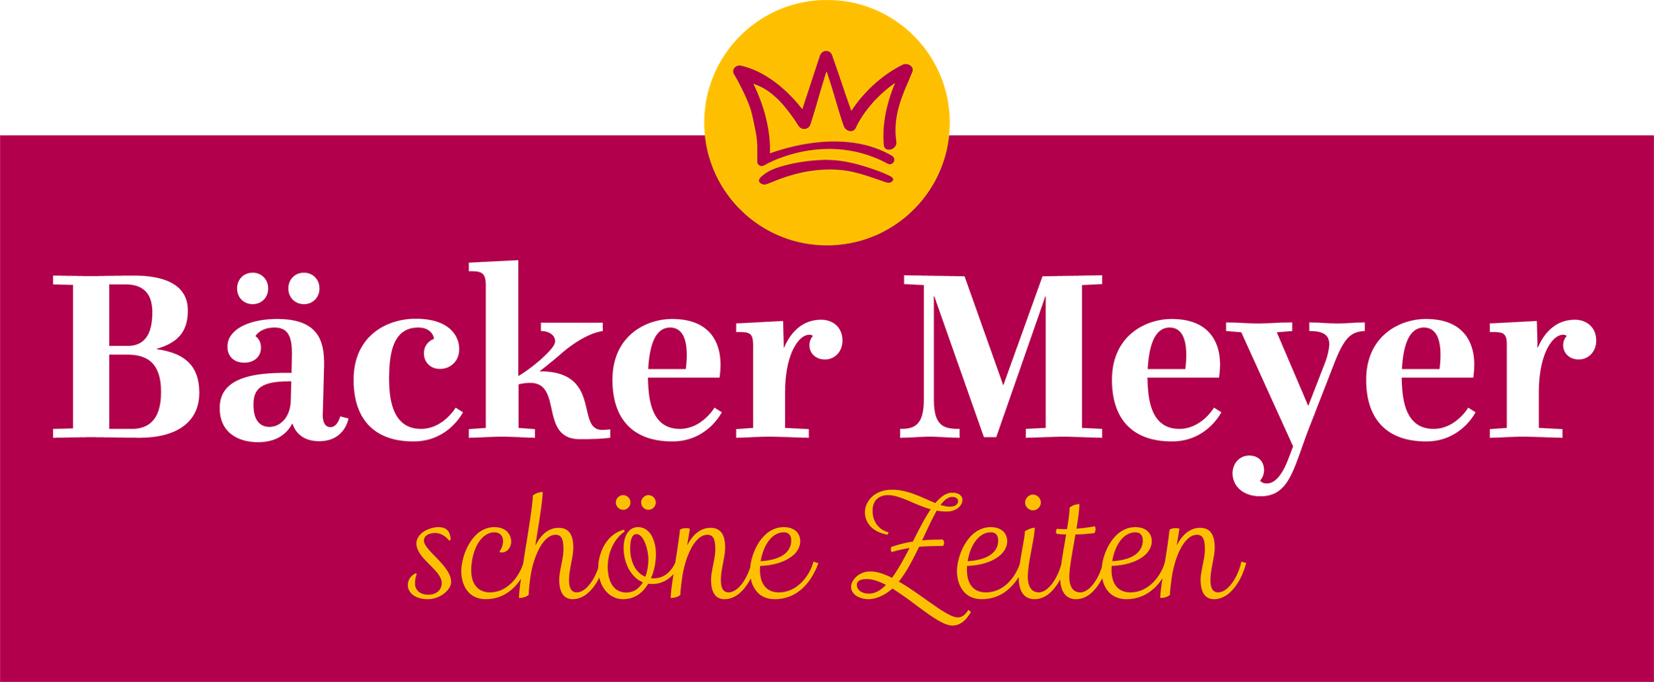 Bäcker Meyer